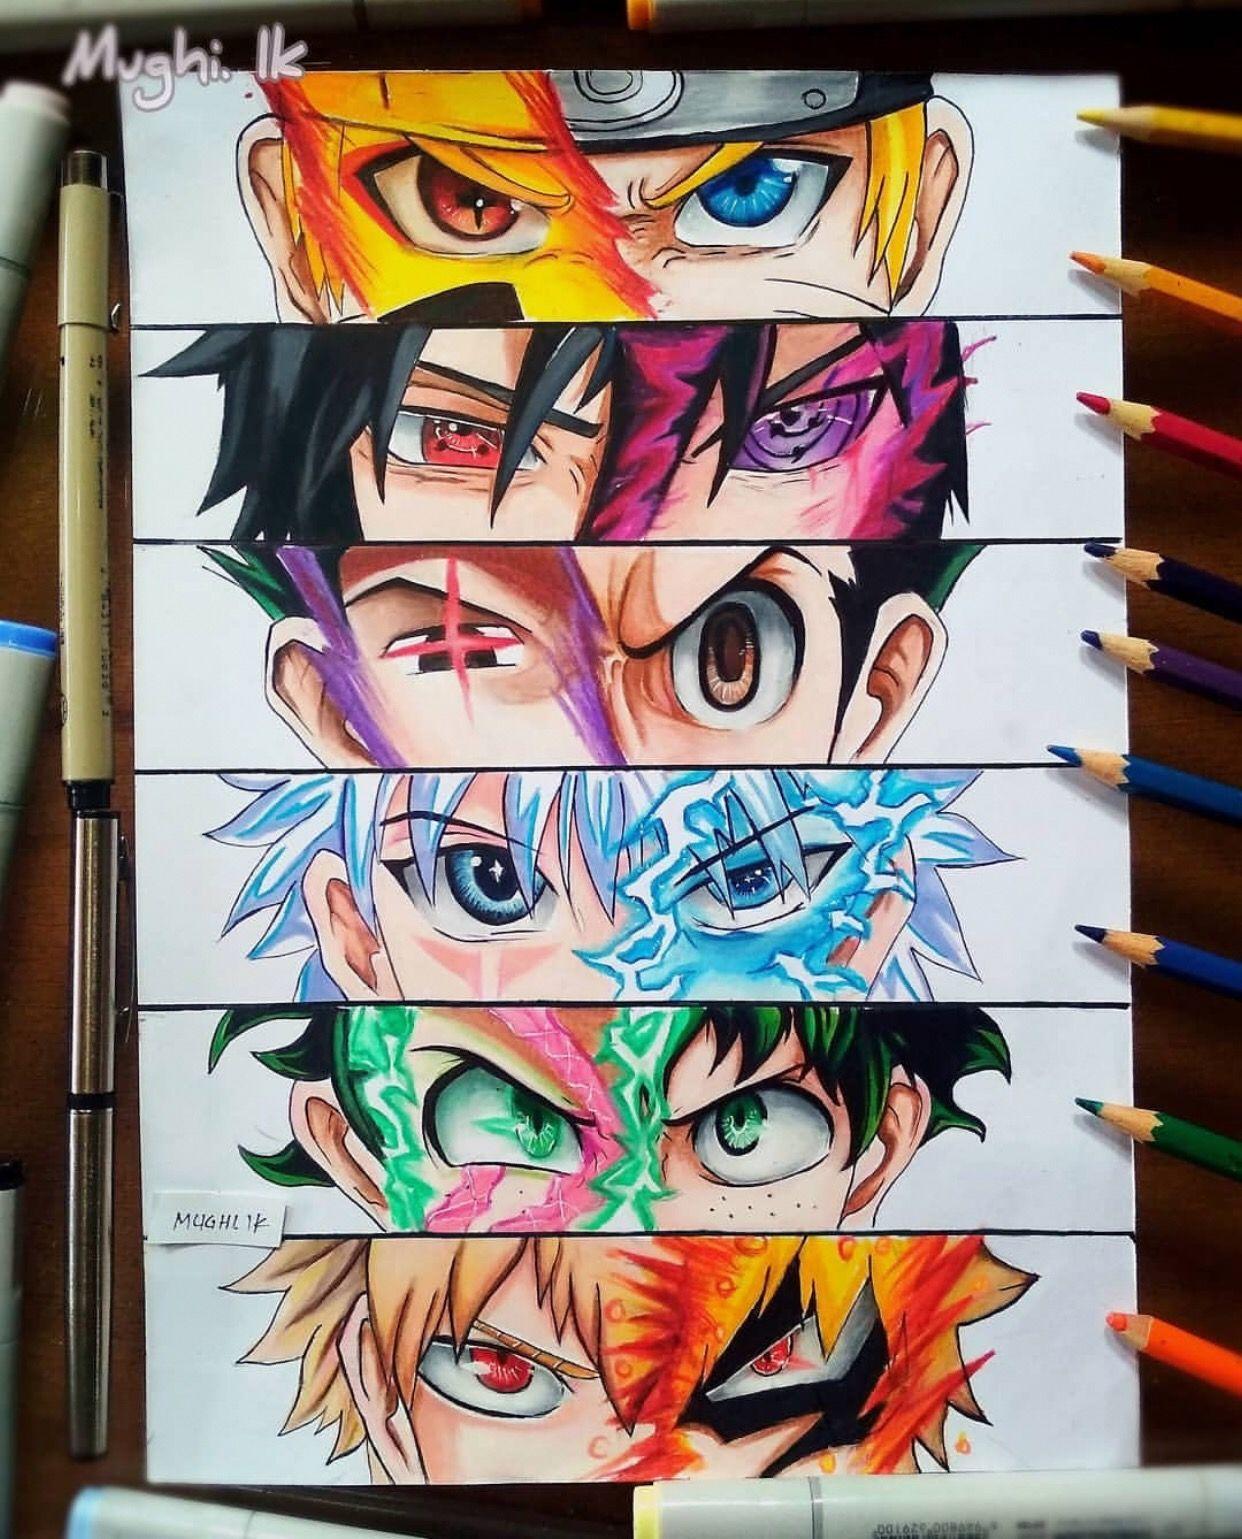 378 Gambar Anime Art Terbaik Di 2020